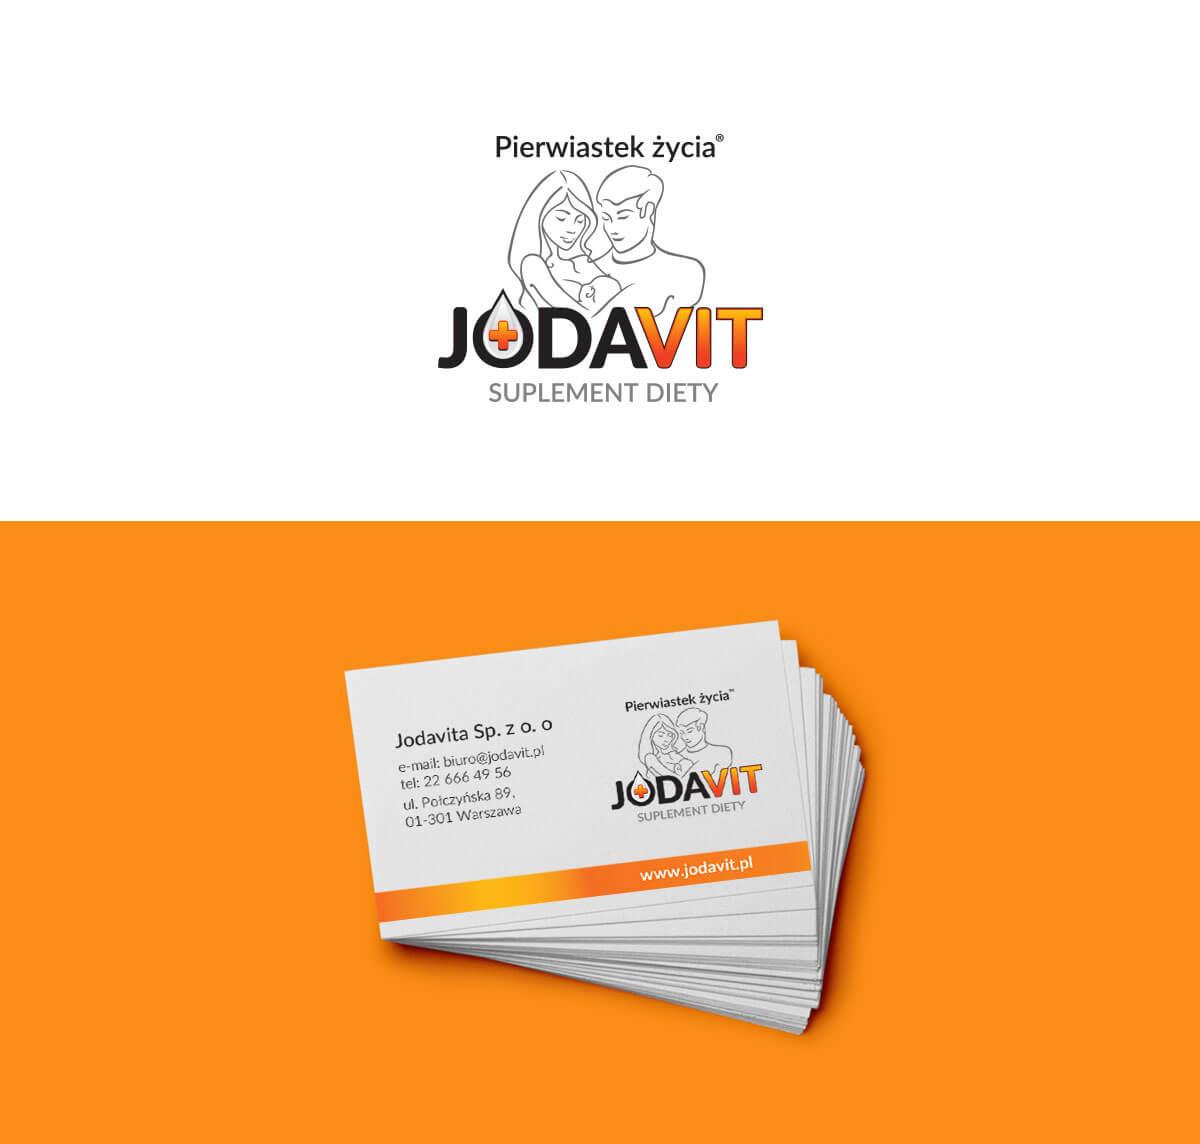 projekt logo suplementu diety